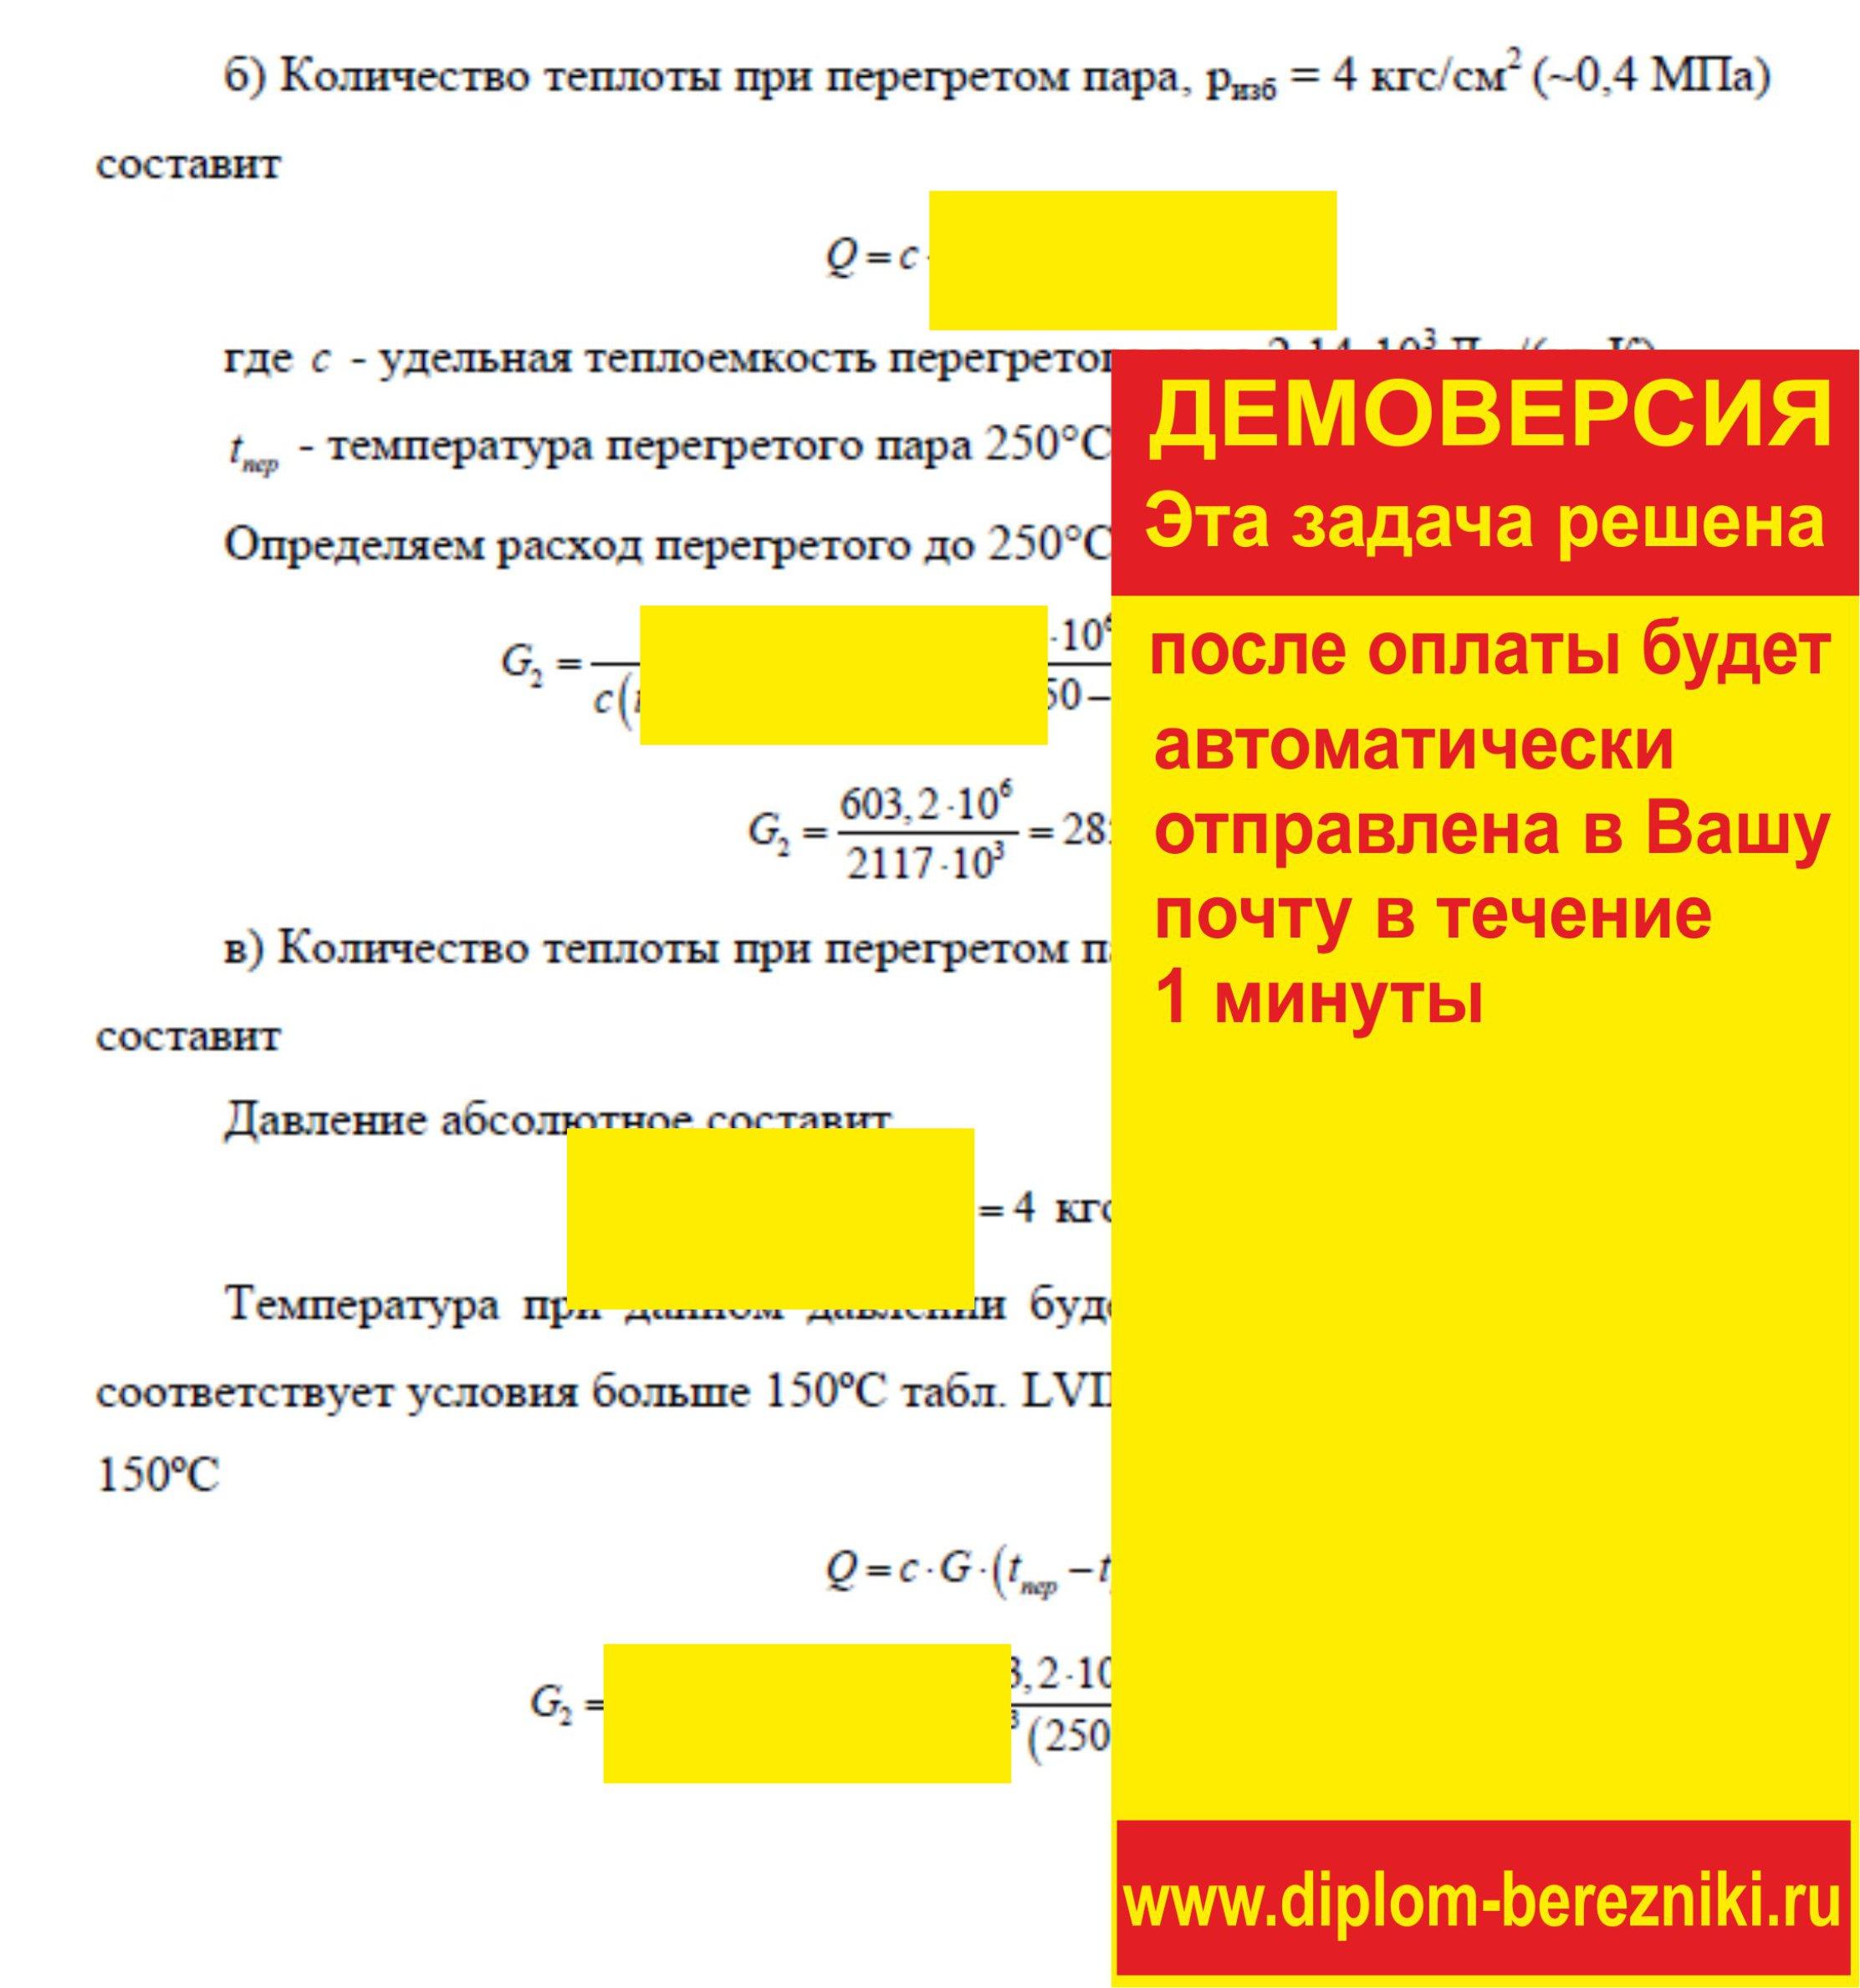 Решение задачи 4.7 по ПАХТ из задачника Павлова Романкова Носкова